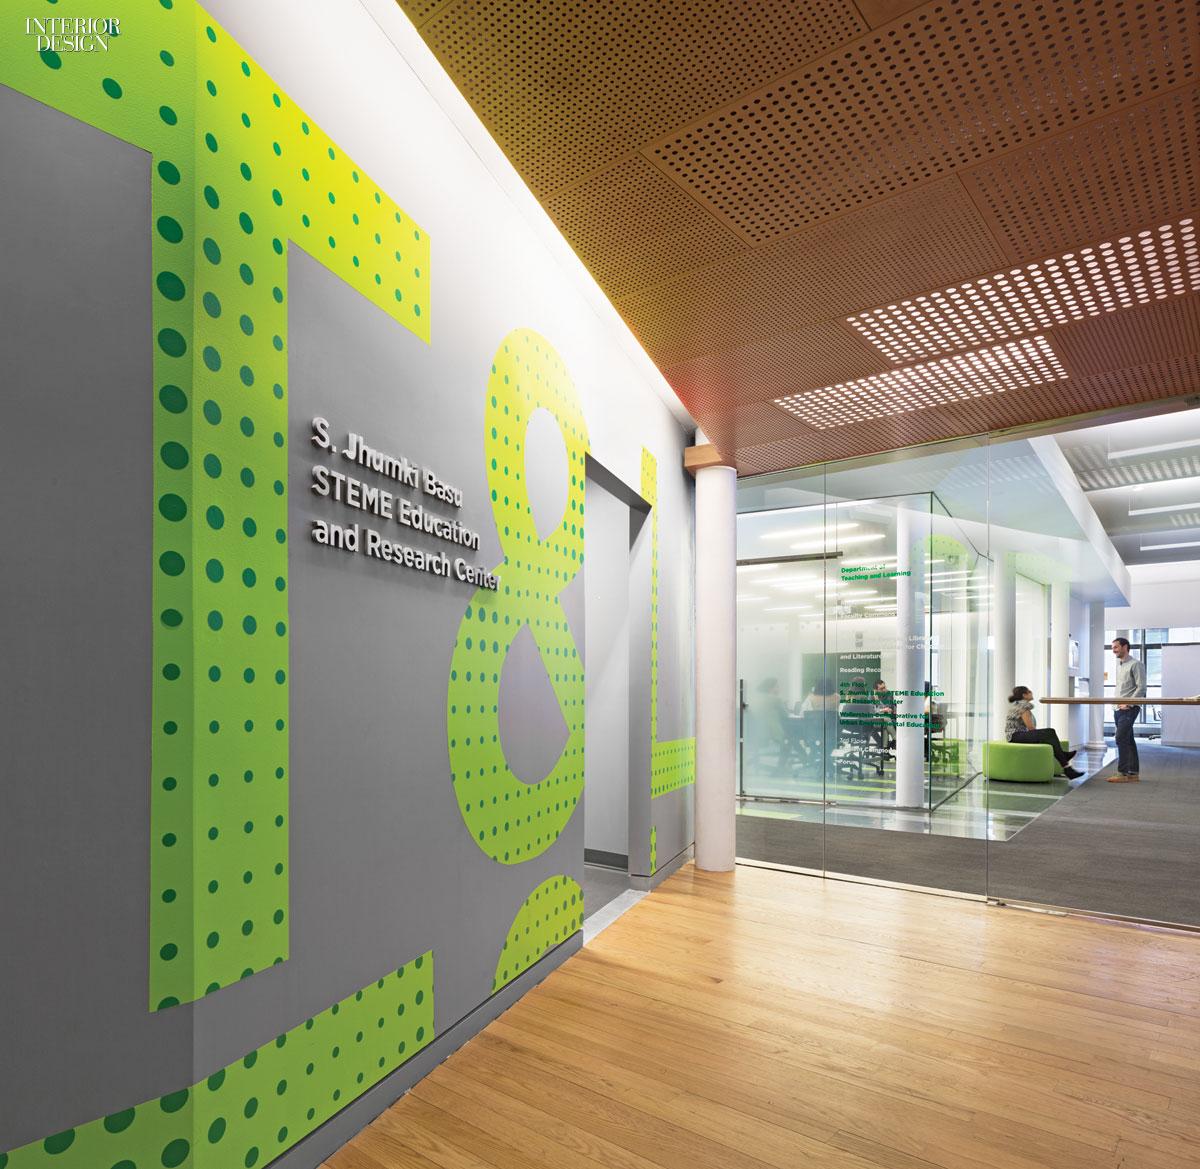 School Interior Design: Core Curriculum: NYU's Steinhardt School By LTL Architects